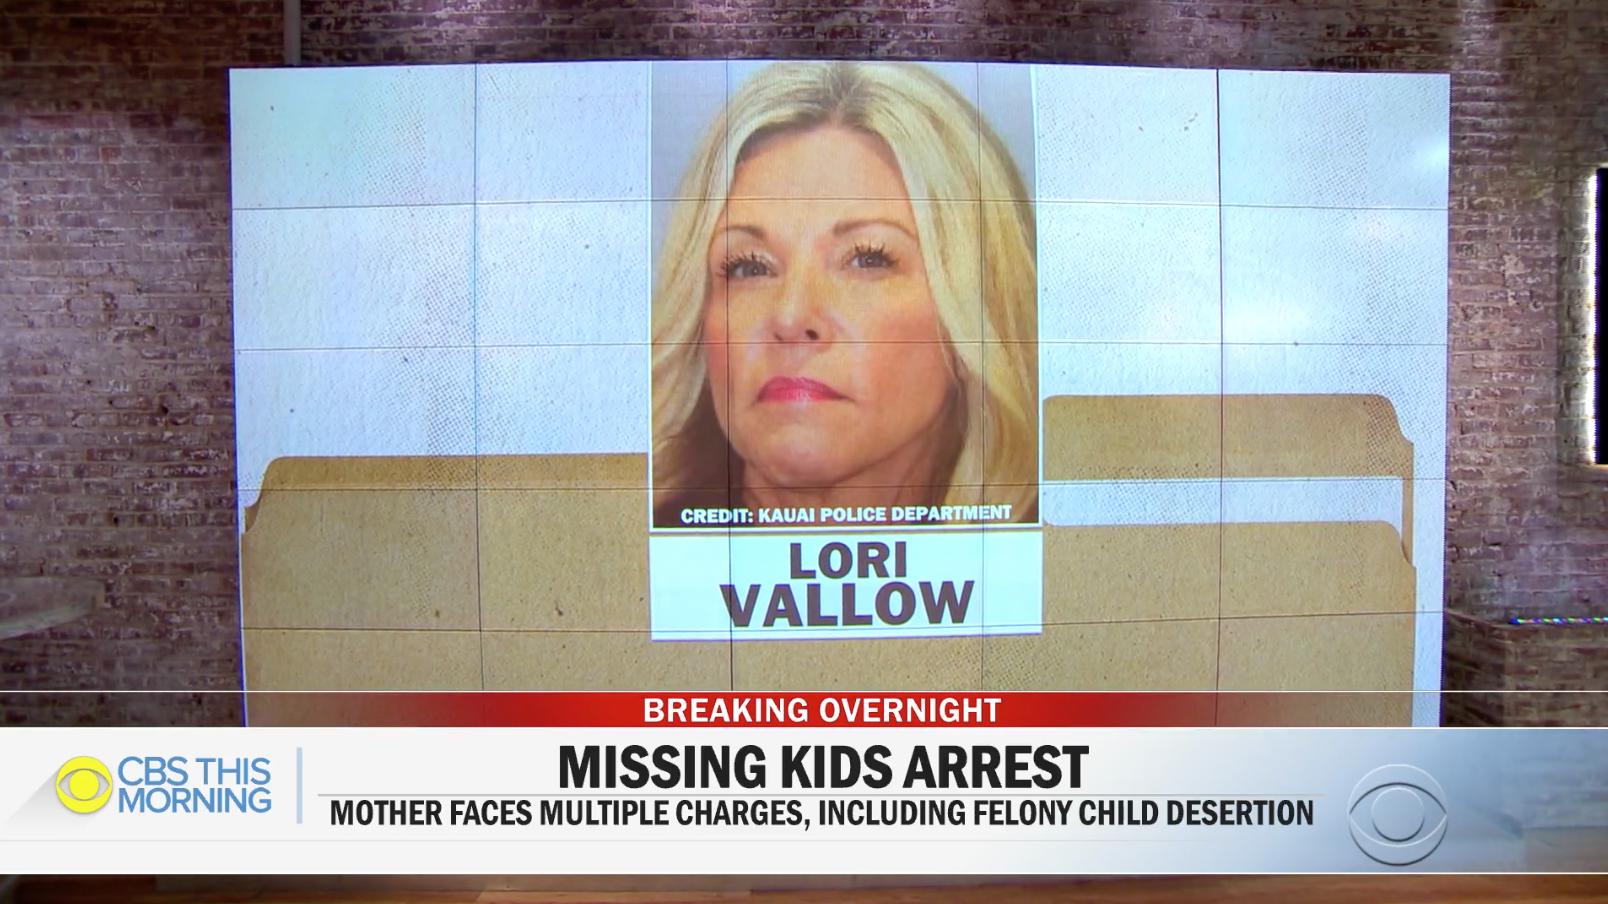 Cảnh sát bắt giữngười mẹ của hai đứa trẻmất tích ởIdaho